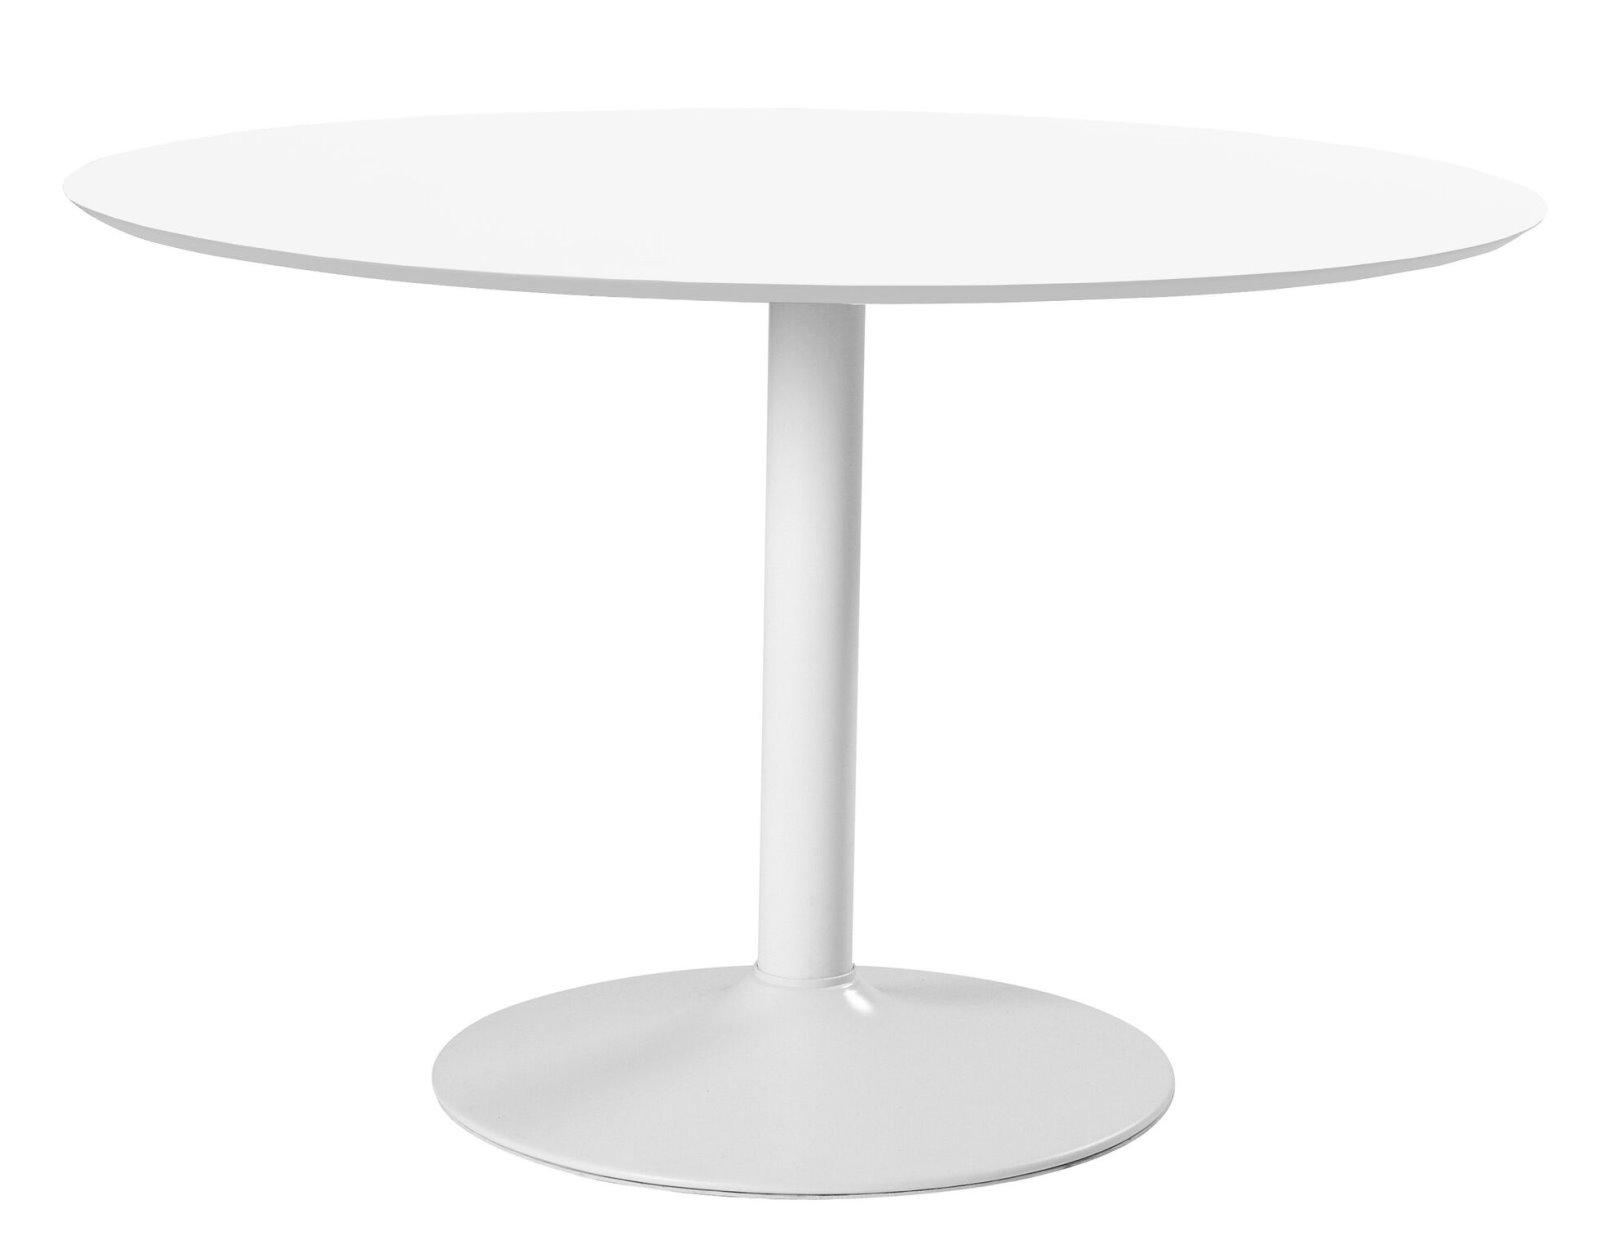 Full Size of Esstisch Oval Weiß Ibiza 110 Cm Esszimmertisch Wei Kchentisch Ausziehbarer Esstische Rund Betten Weißer Massiv Ausziehbar Lampen Holzplatte Sheesham Esstische Esstisch Oval Weiß